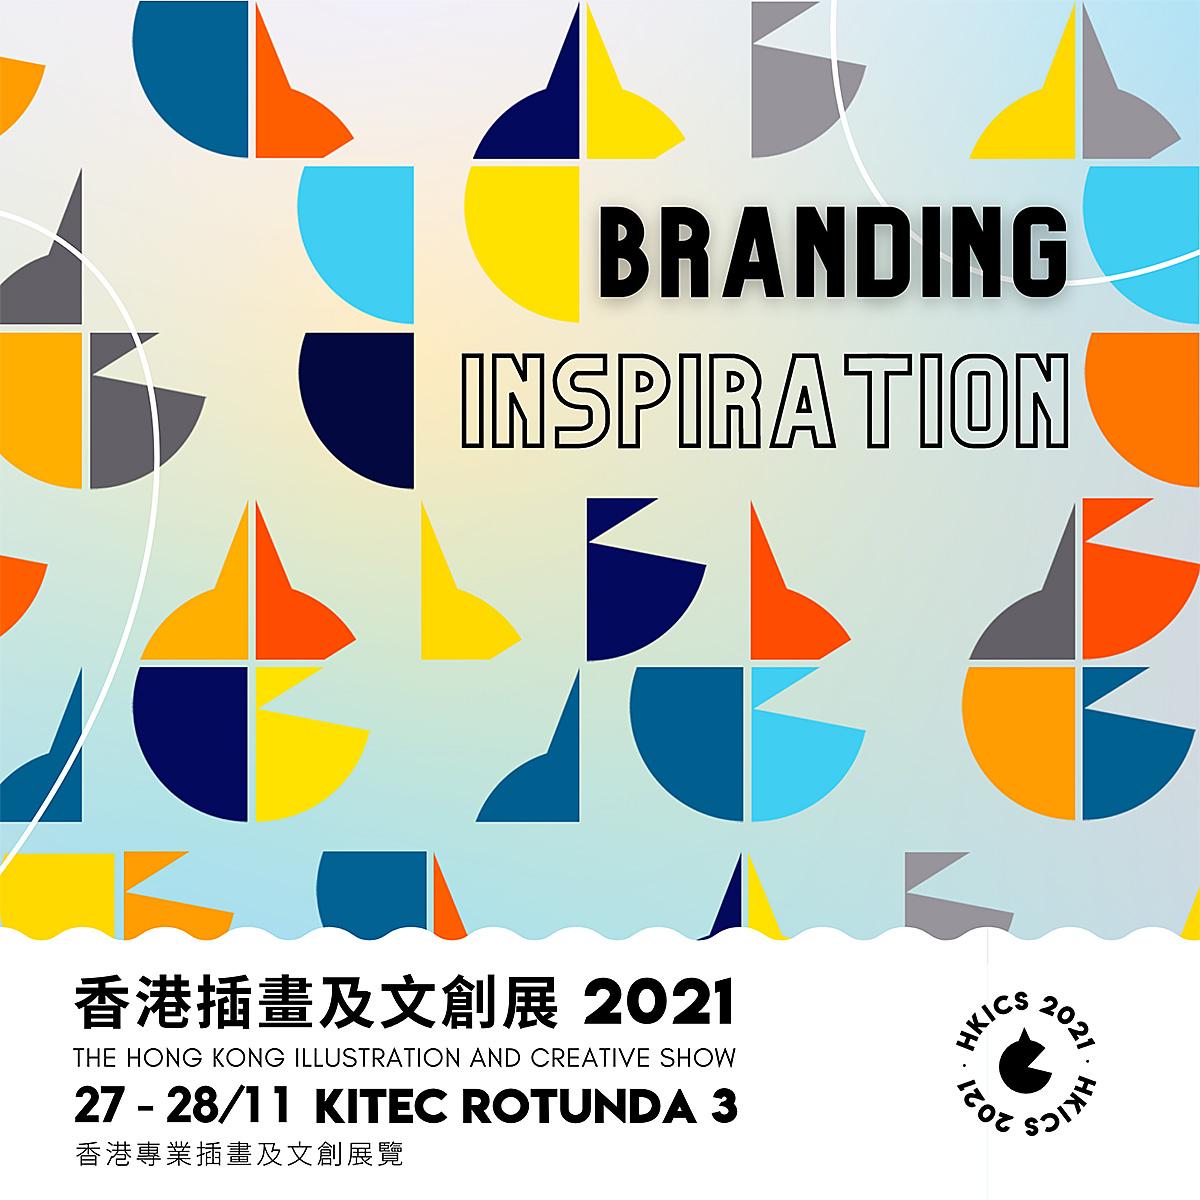 香港插畫及文創展 2021